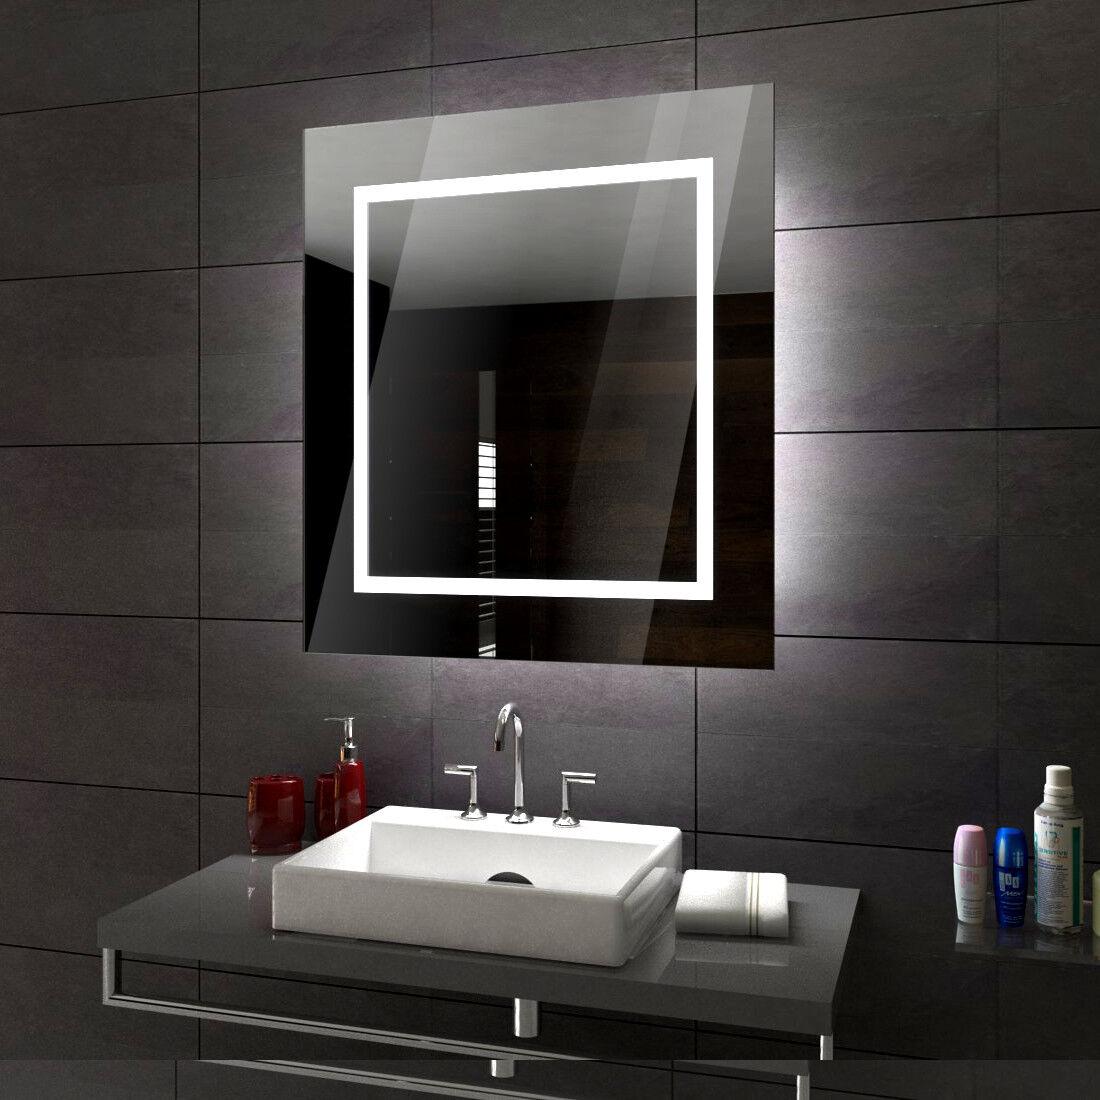 Sofia éclairé del Miroir salle de bain Led- pour mesurer Choisissez accessoires